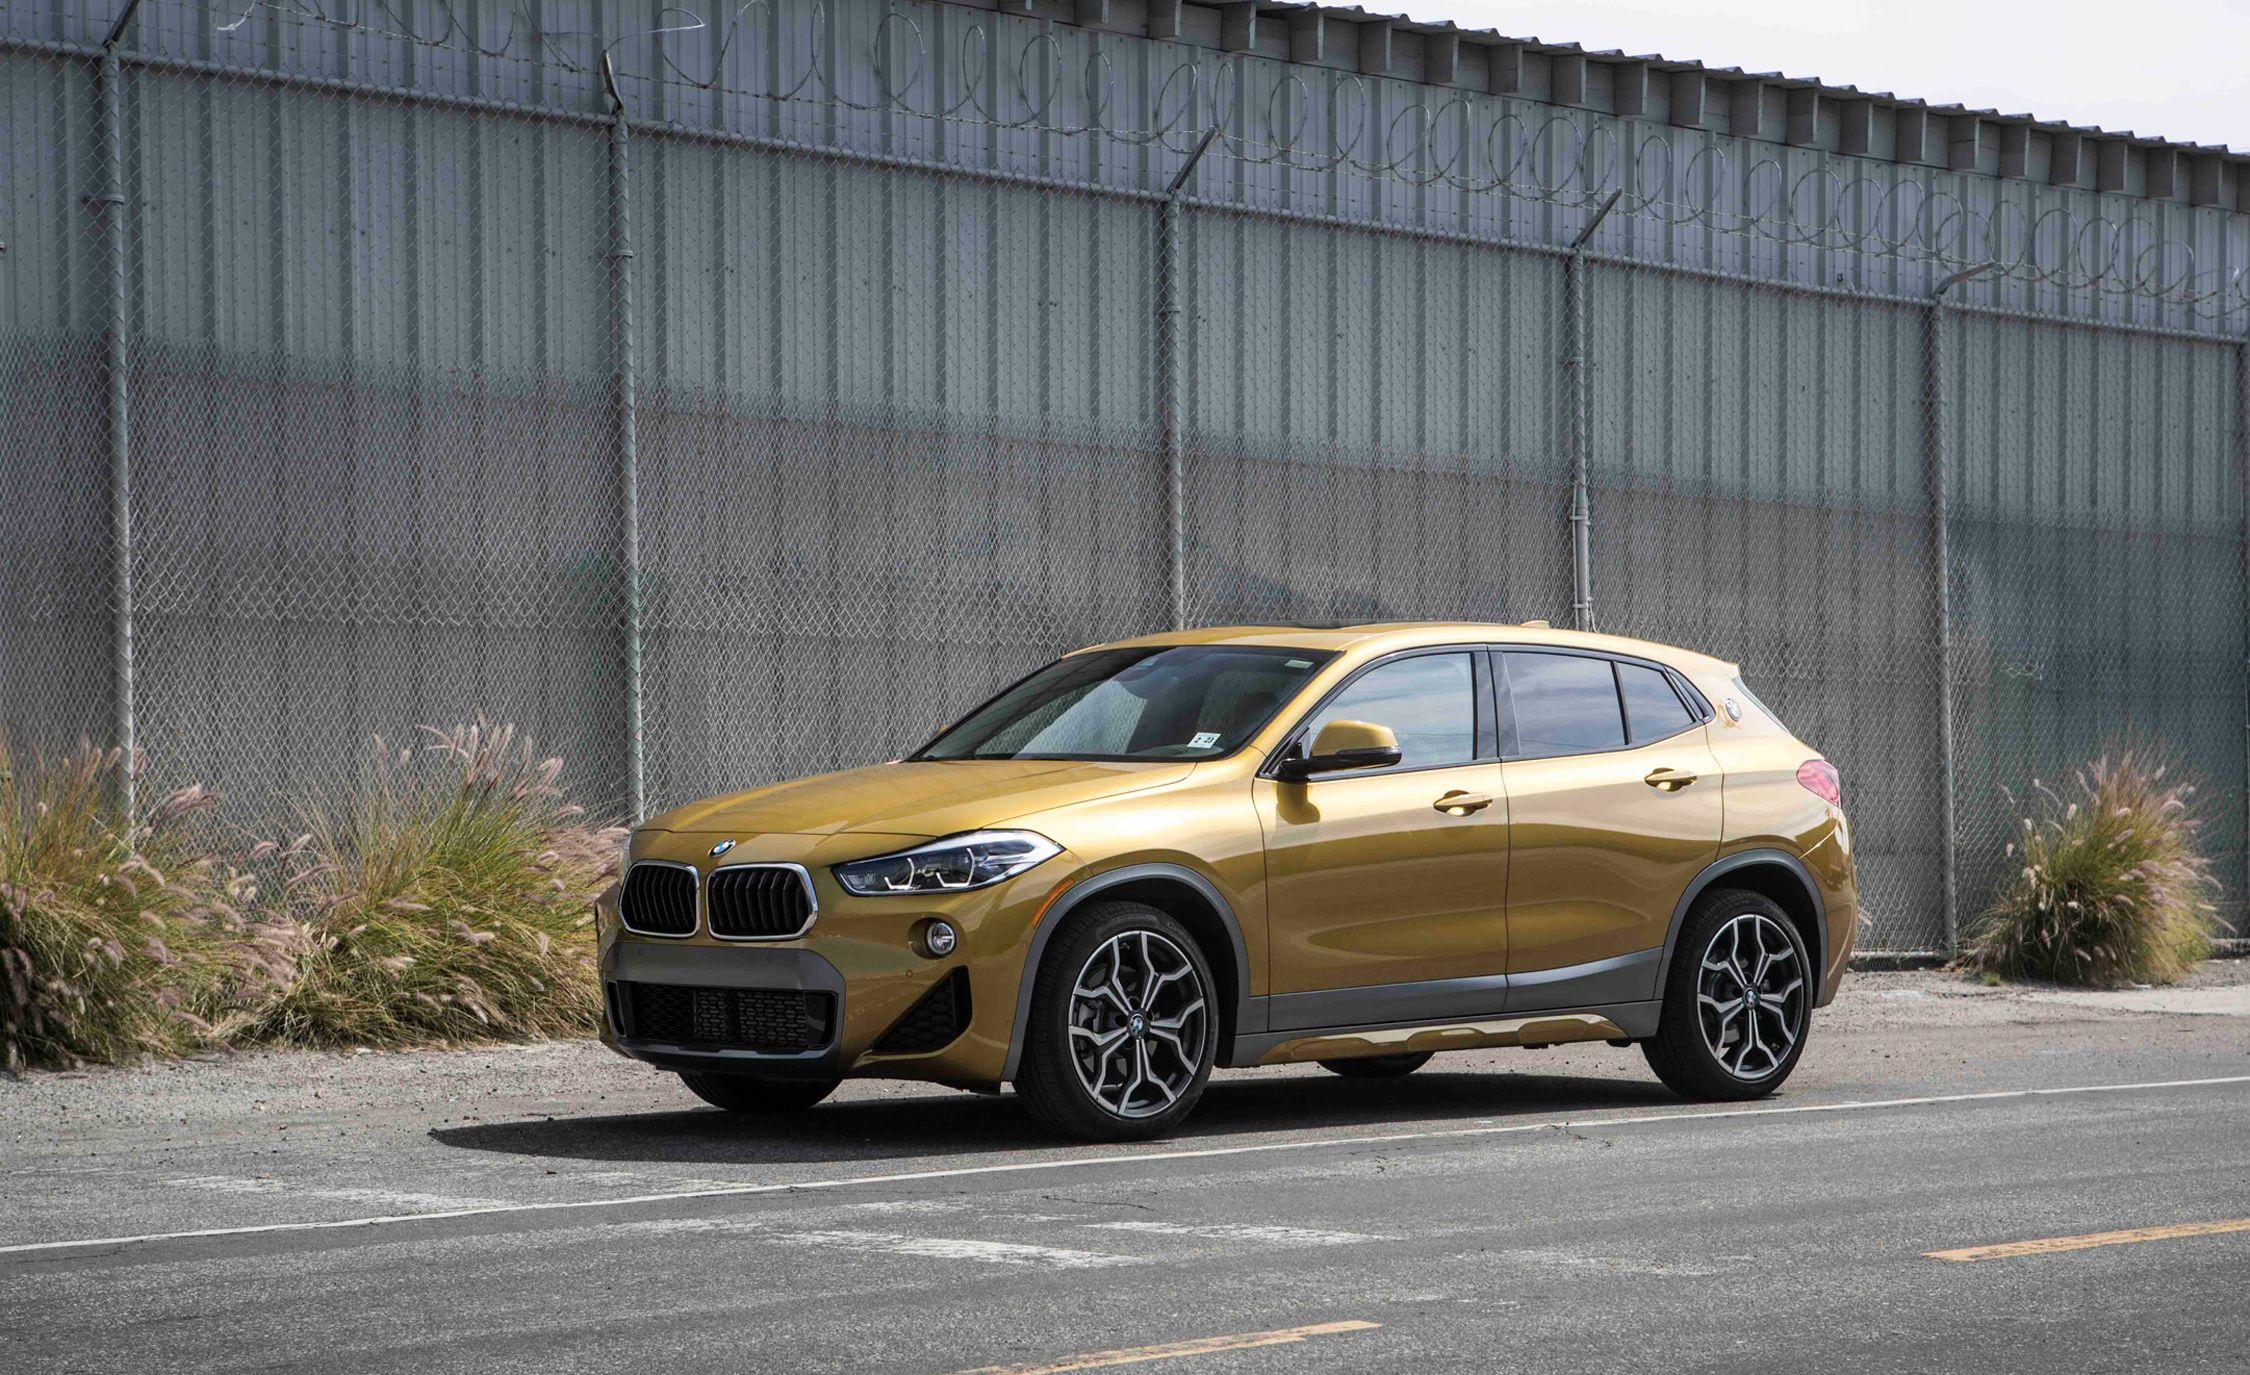 BMW X2 Reviews BMW X2 Price s and Specs